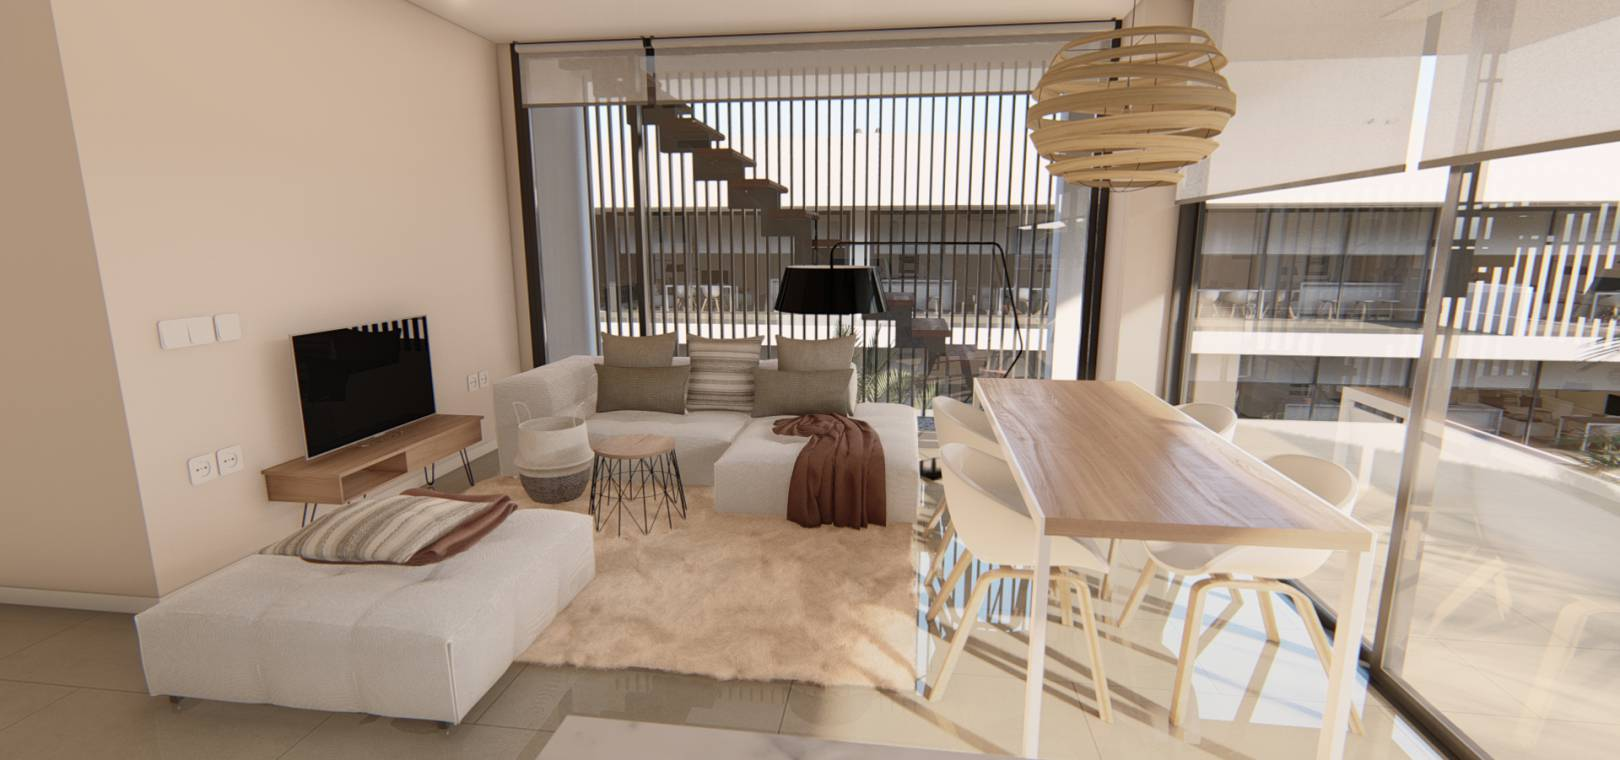 New Build - Apartment - Mar de Cristal